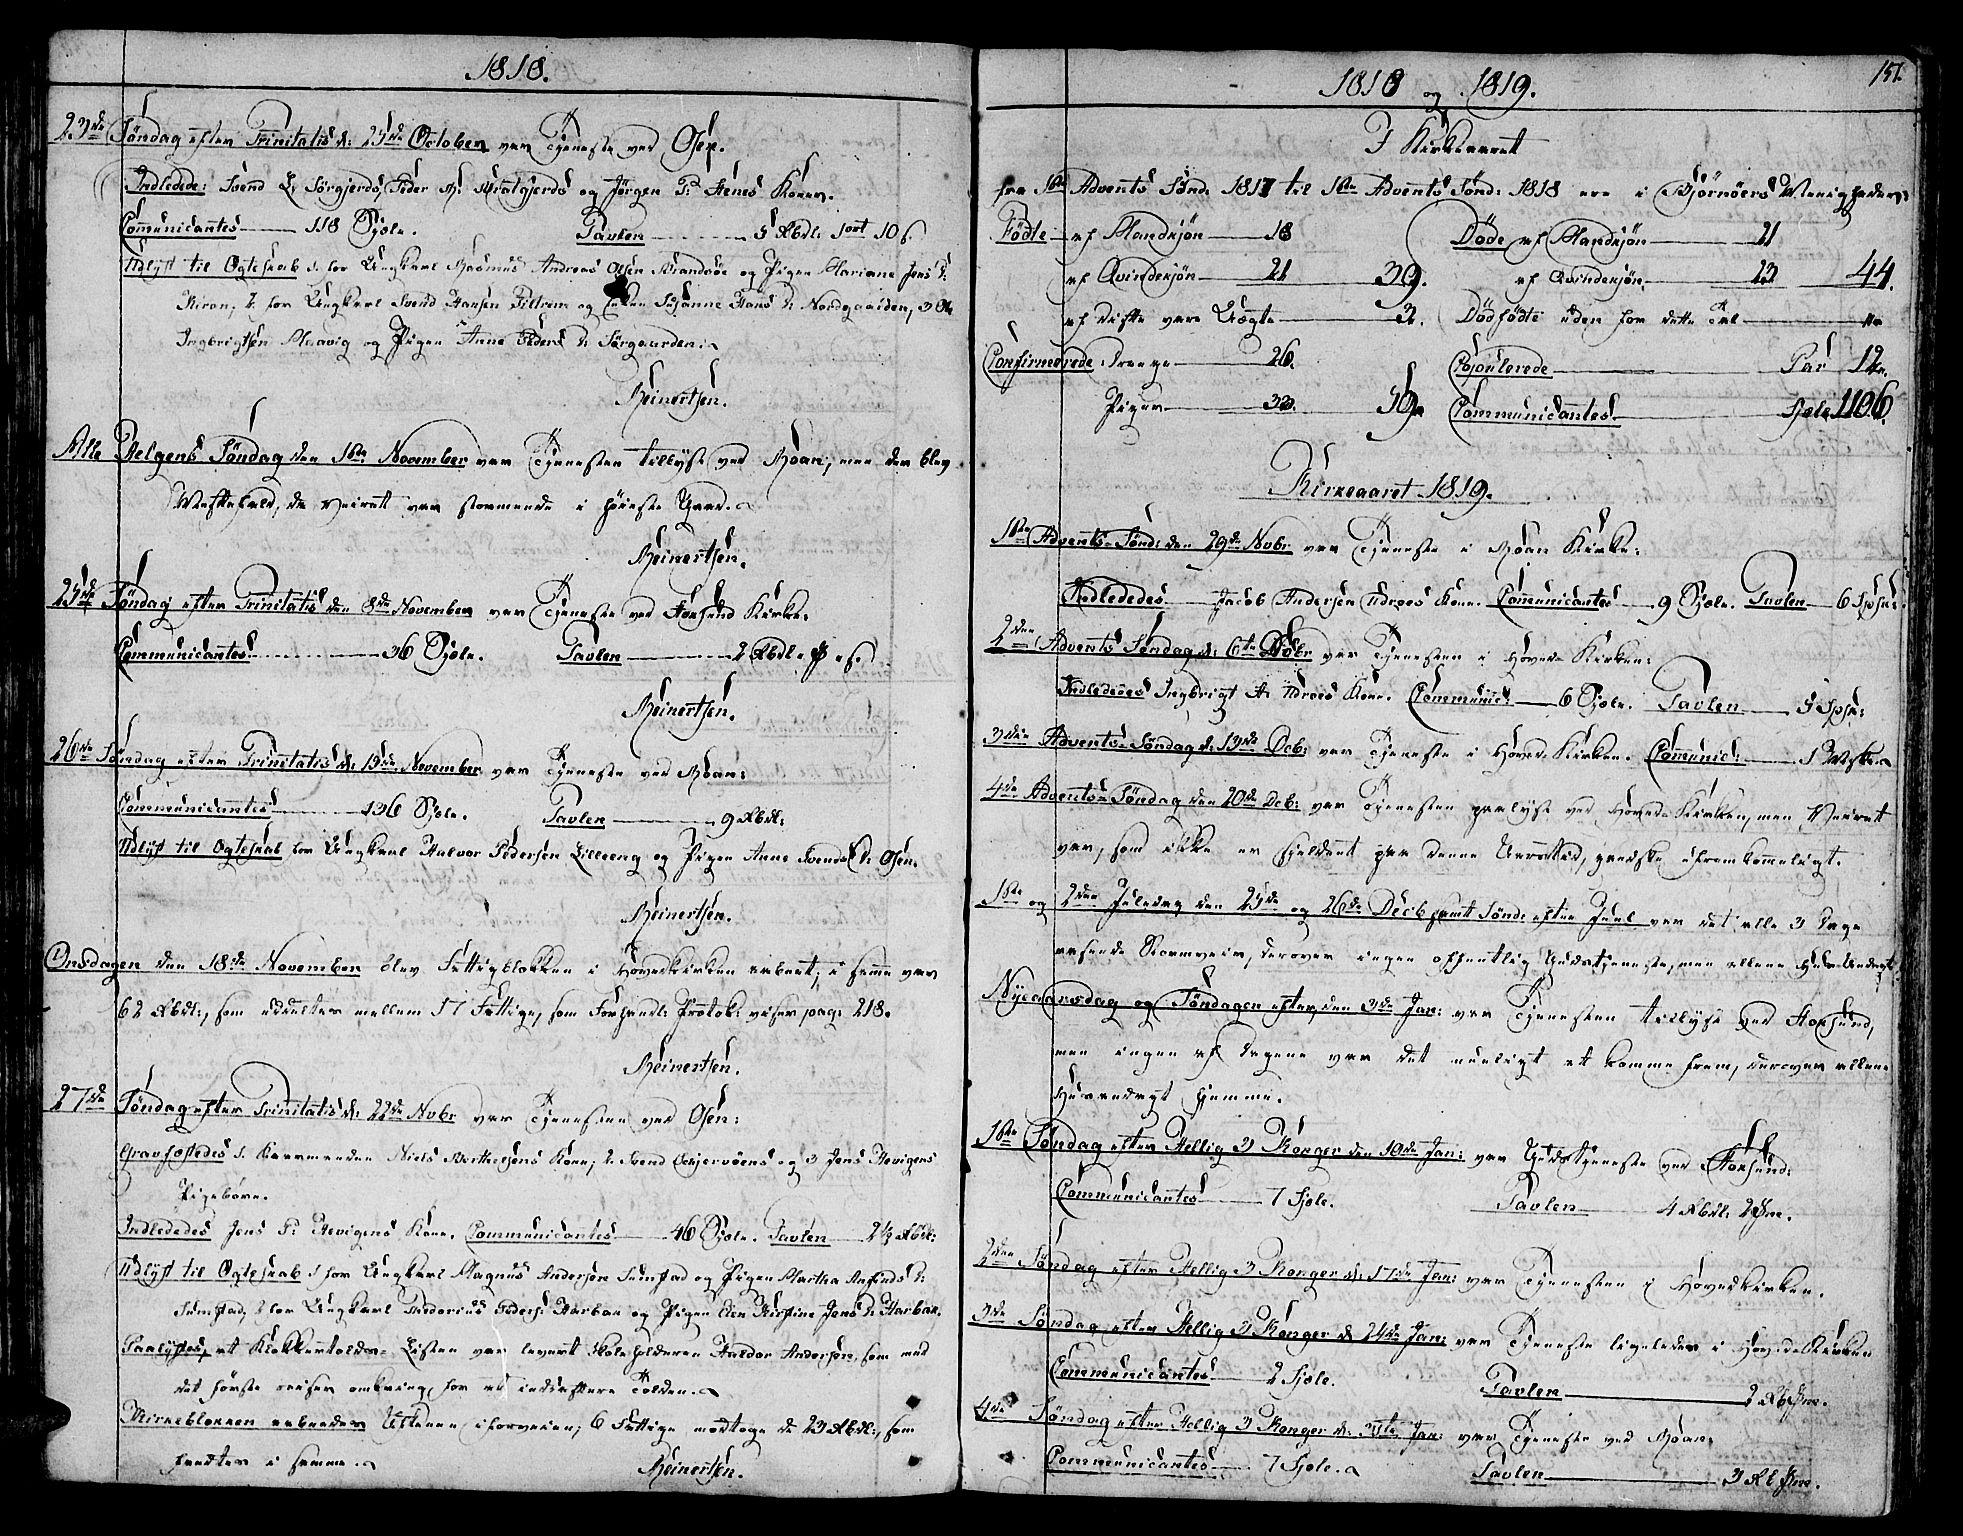 SAT, Ministerialprotokoller, klokkerbøker og fødselsregistre - Sør-Trøndelag, 657/L0701: Ministerialbok nr. 657A02, 1802-1831, s. 151